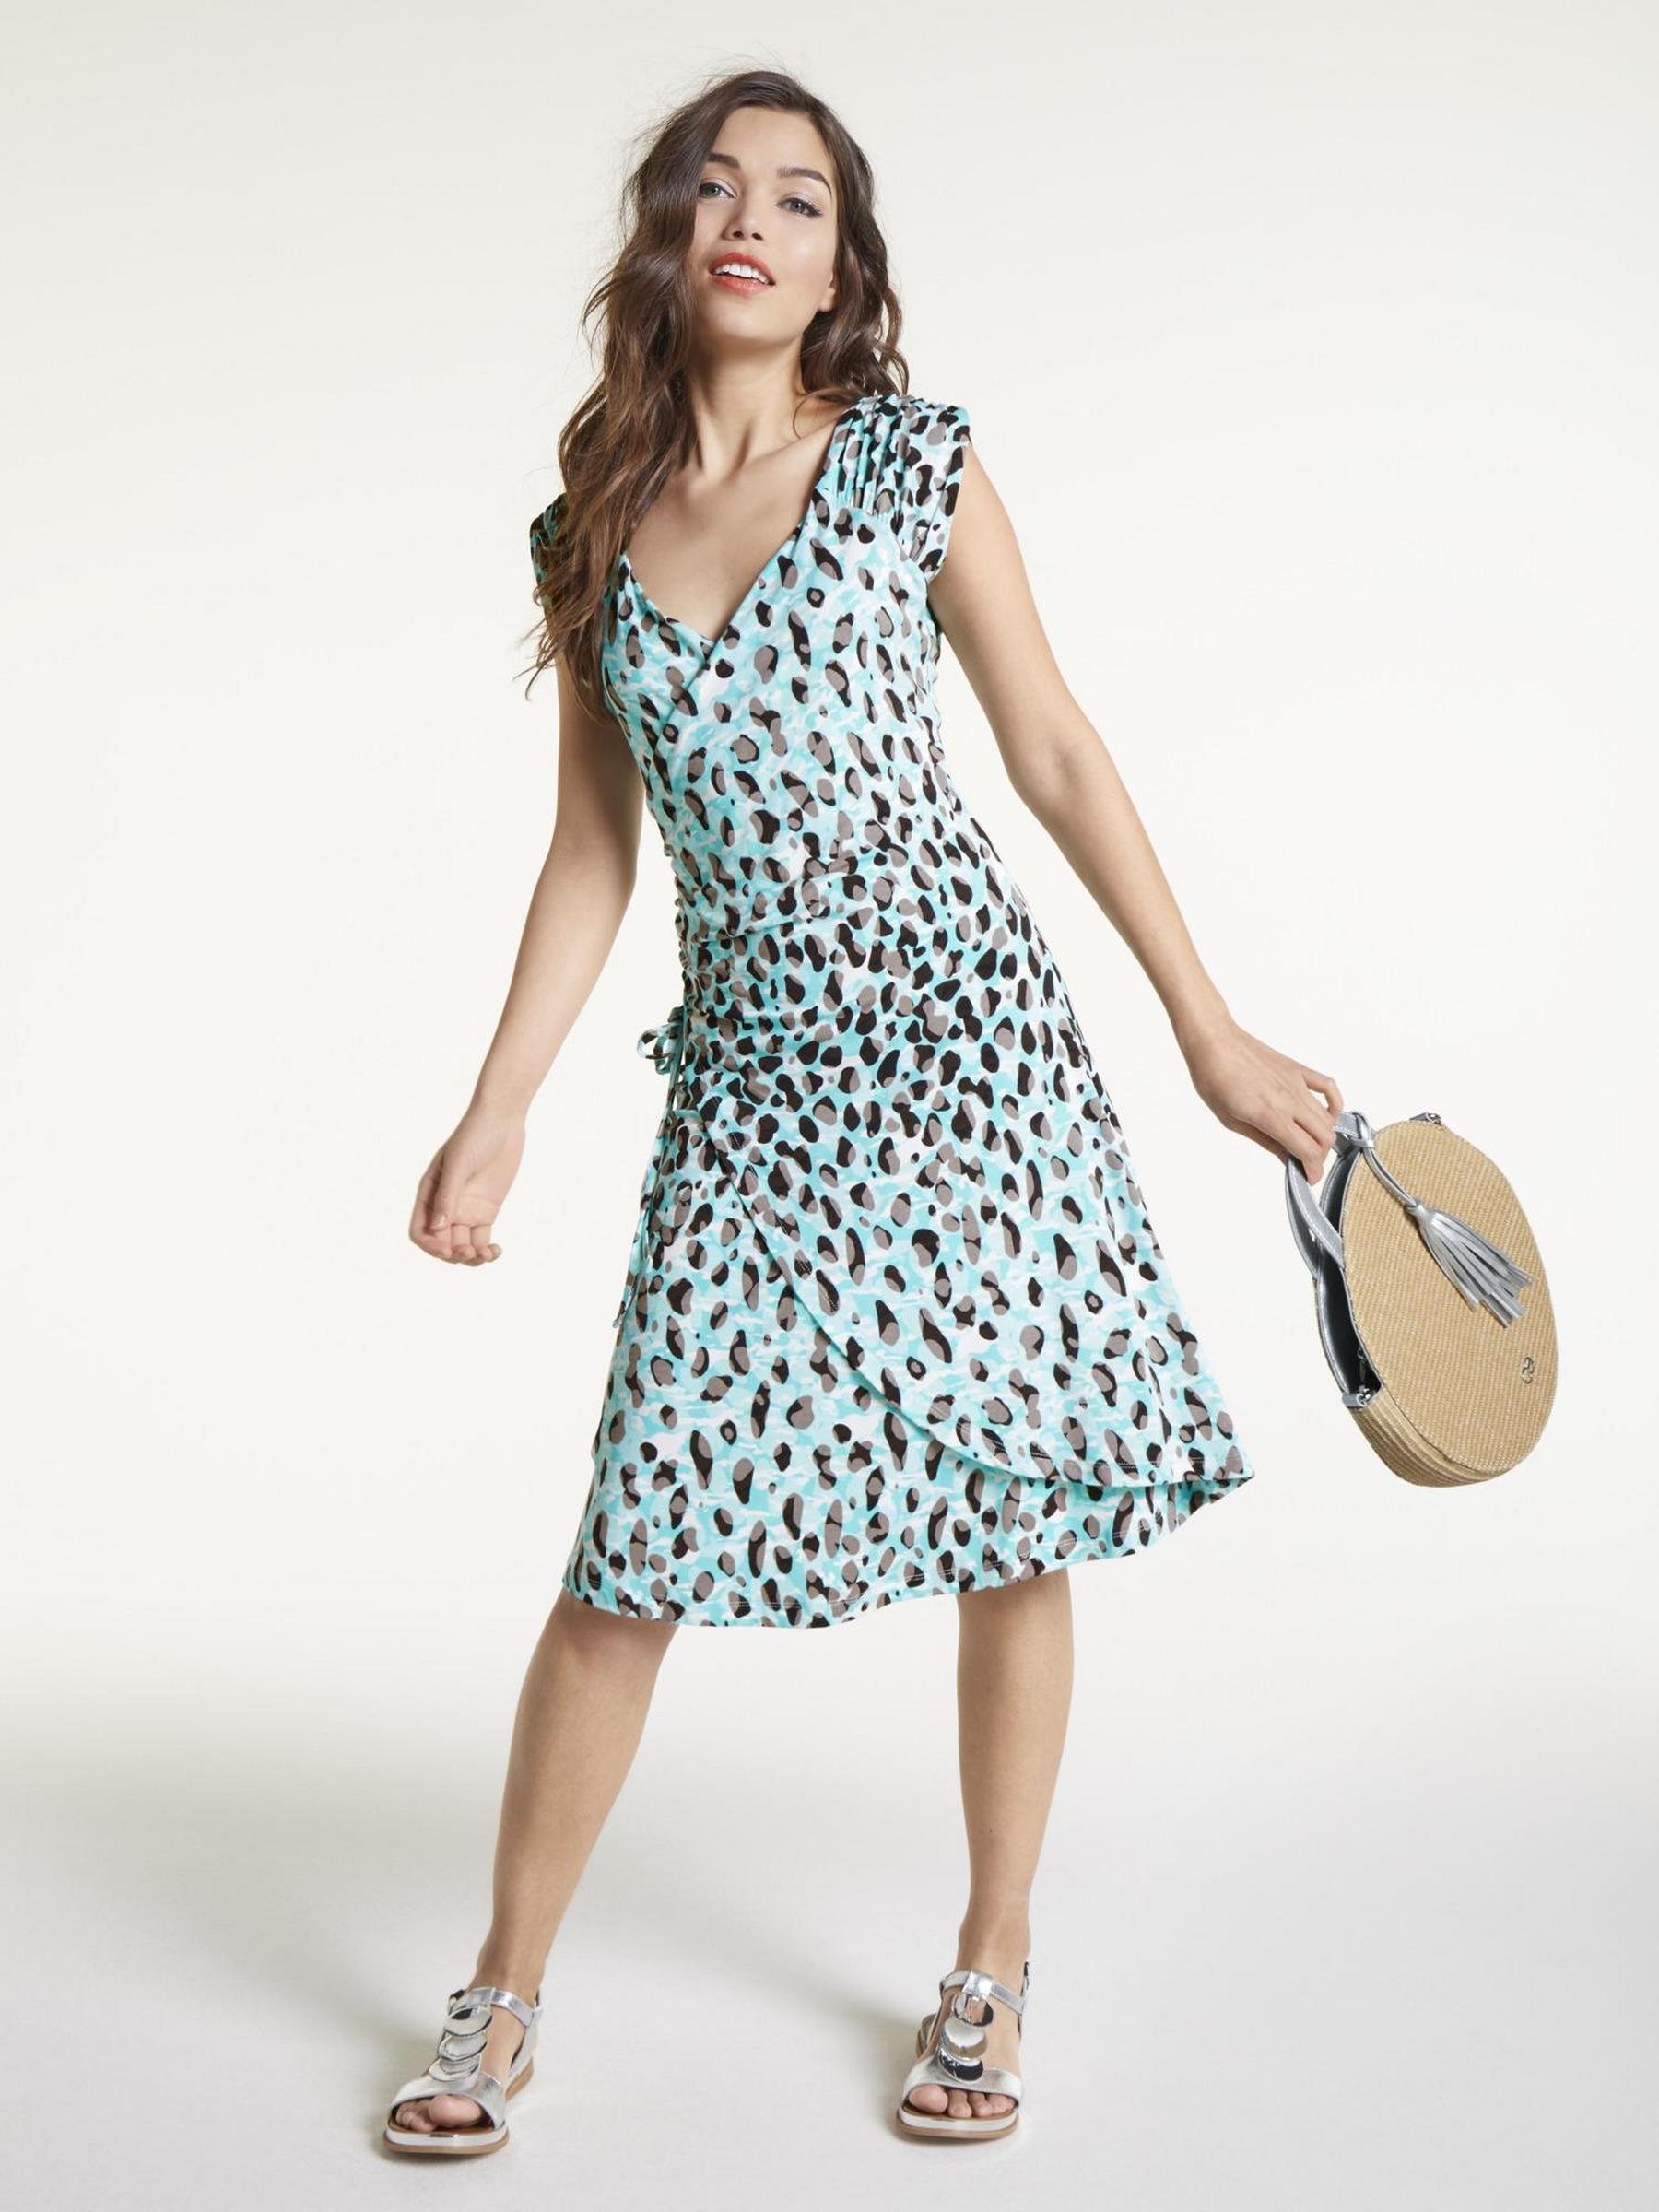 Robe coupe portefeuille turquoise, un modèle qui mélange légèreté et élégance